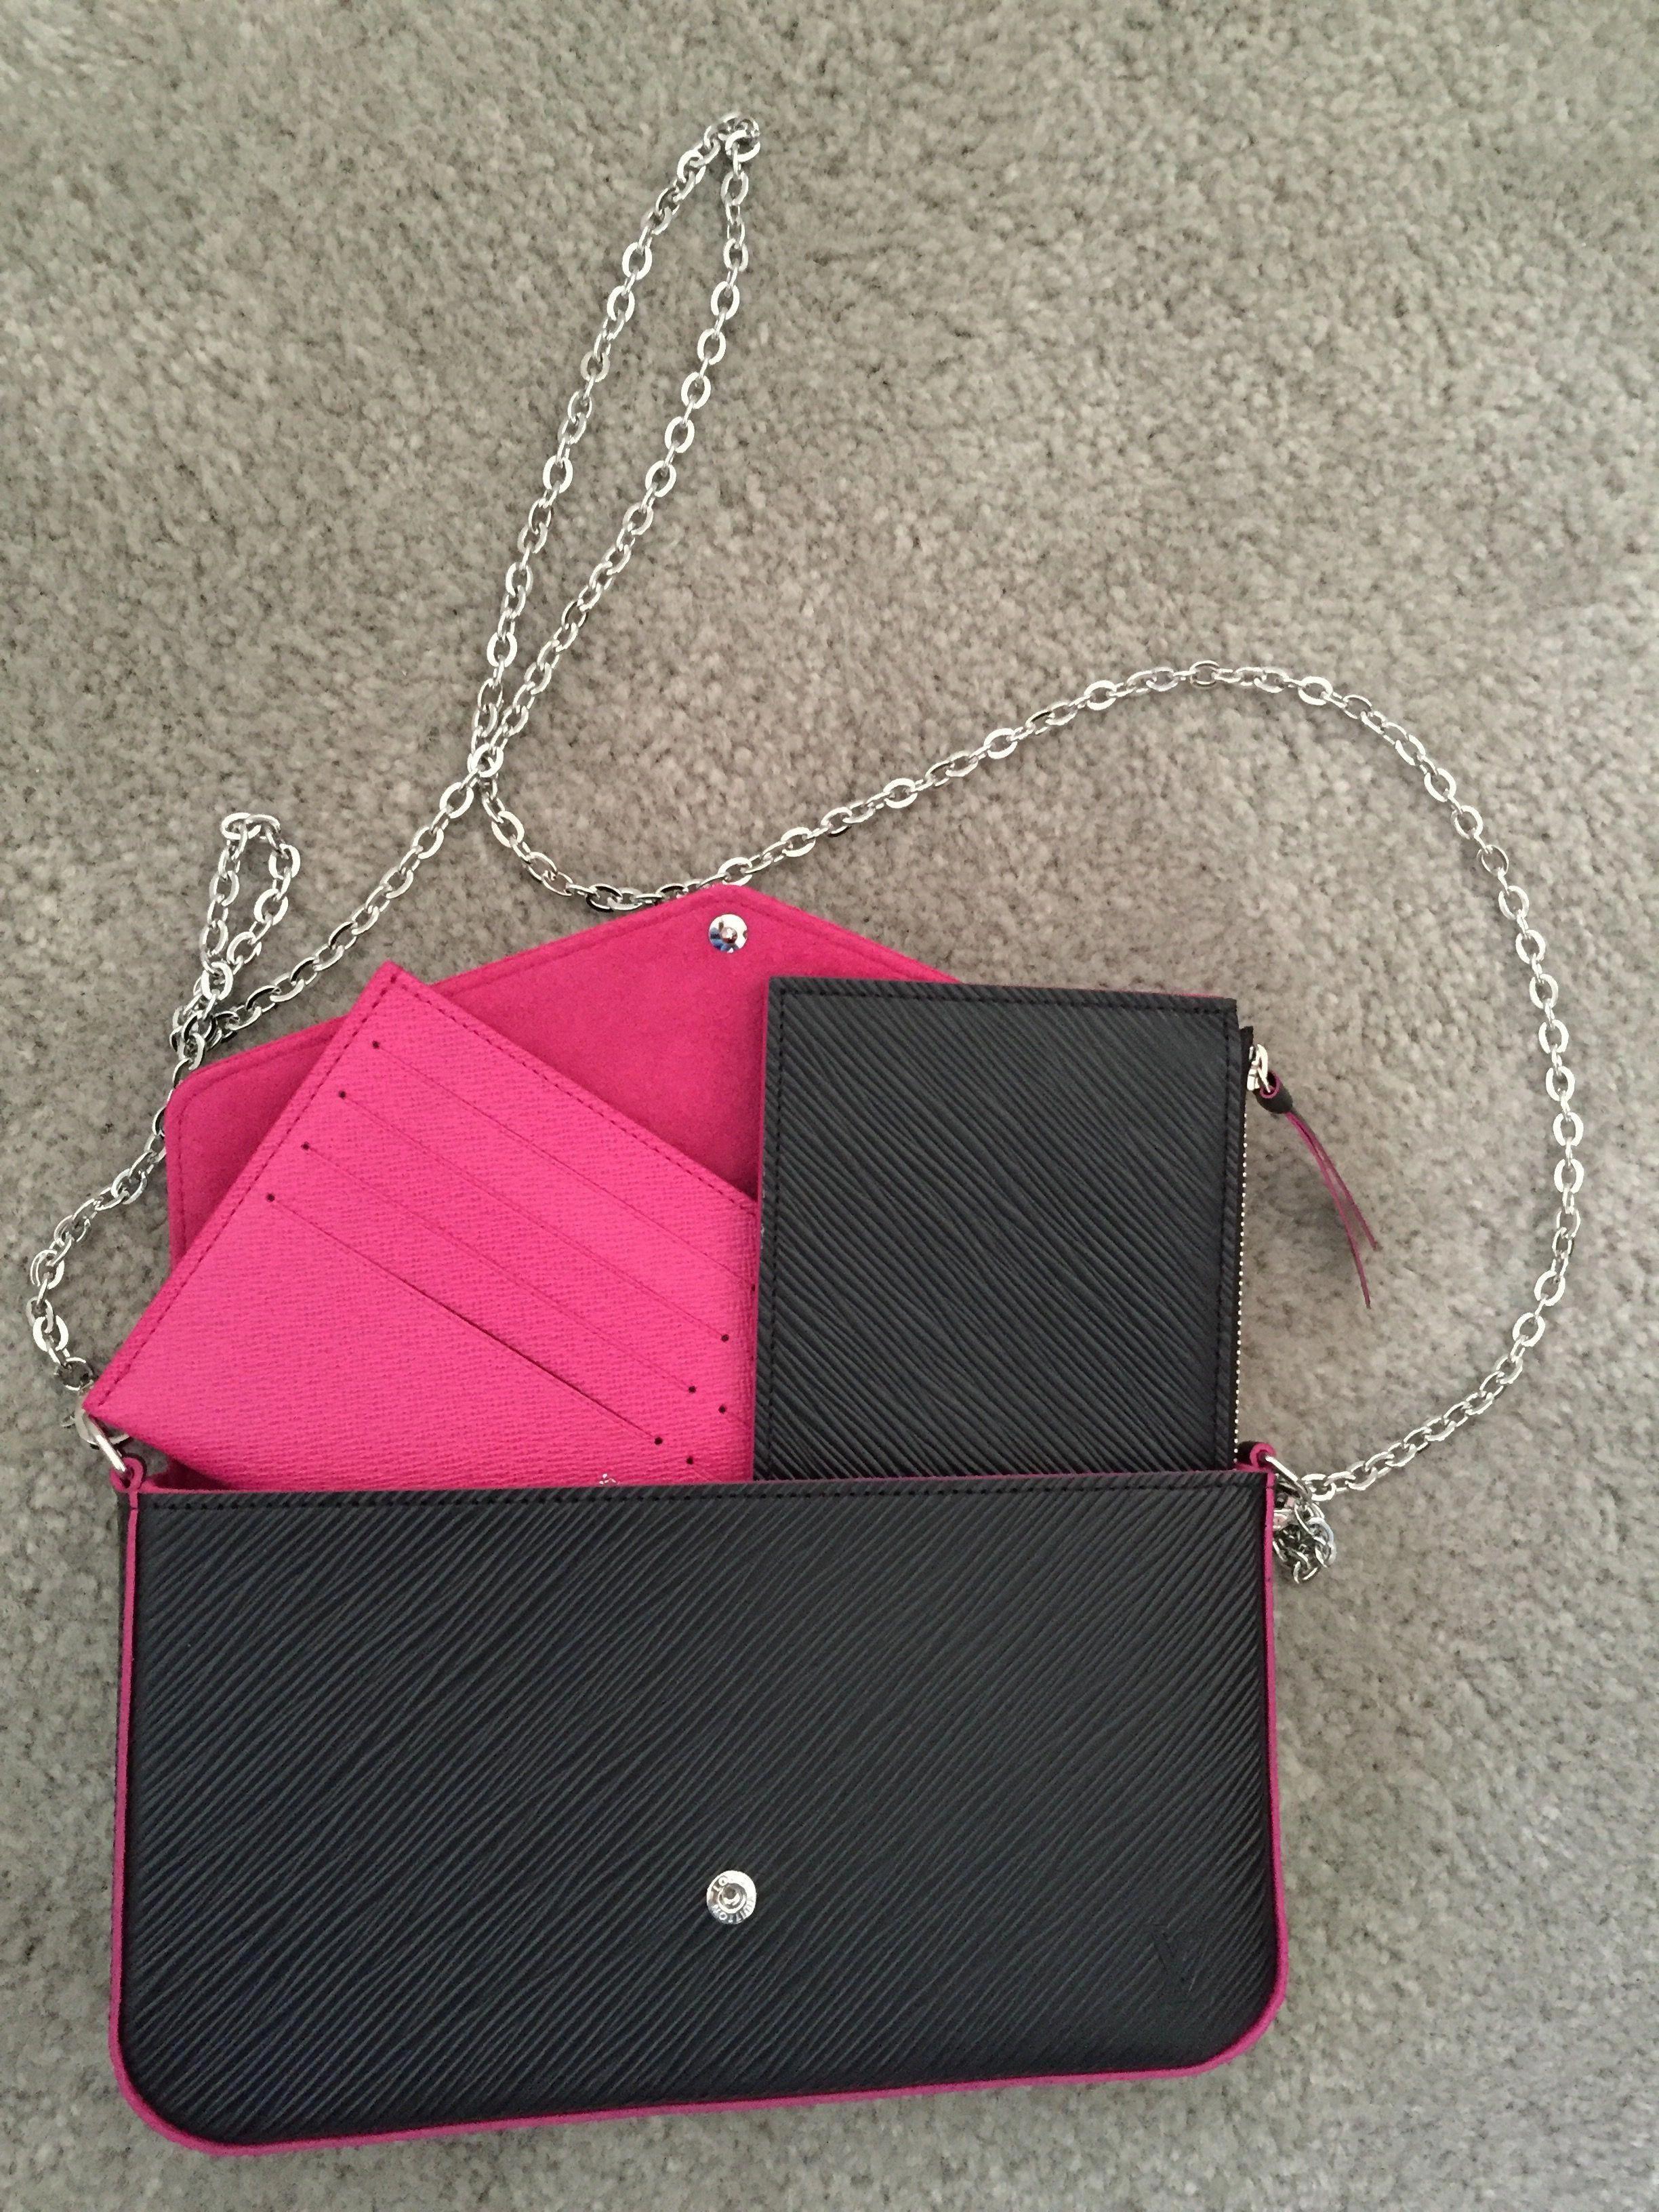 Louis Vuitton POCHETTE FELICIE Epi leather. Pink   black   Louisvuittonhandbags 2bd103ffe929d